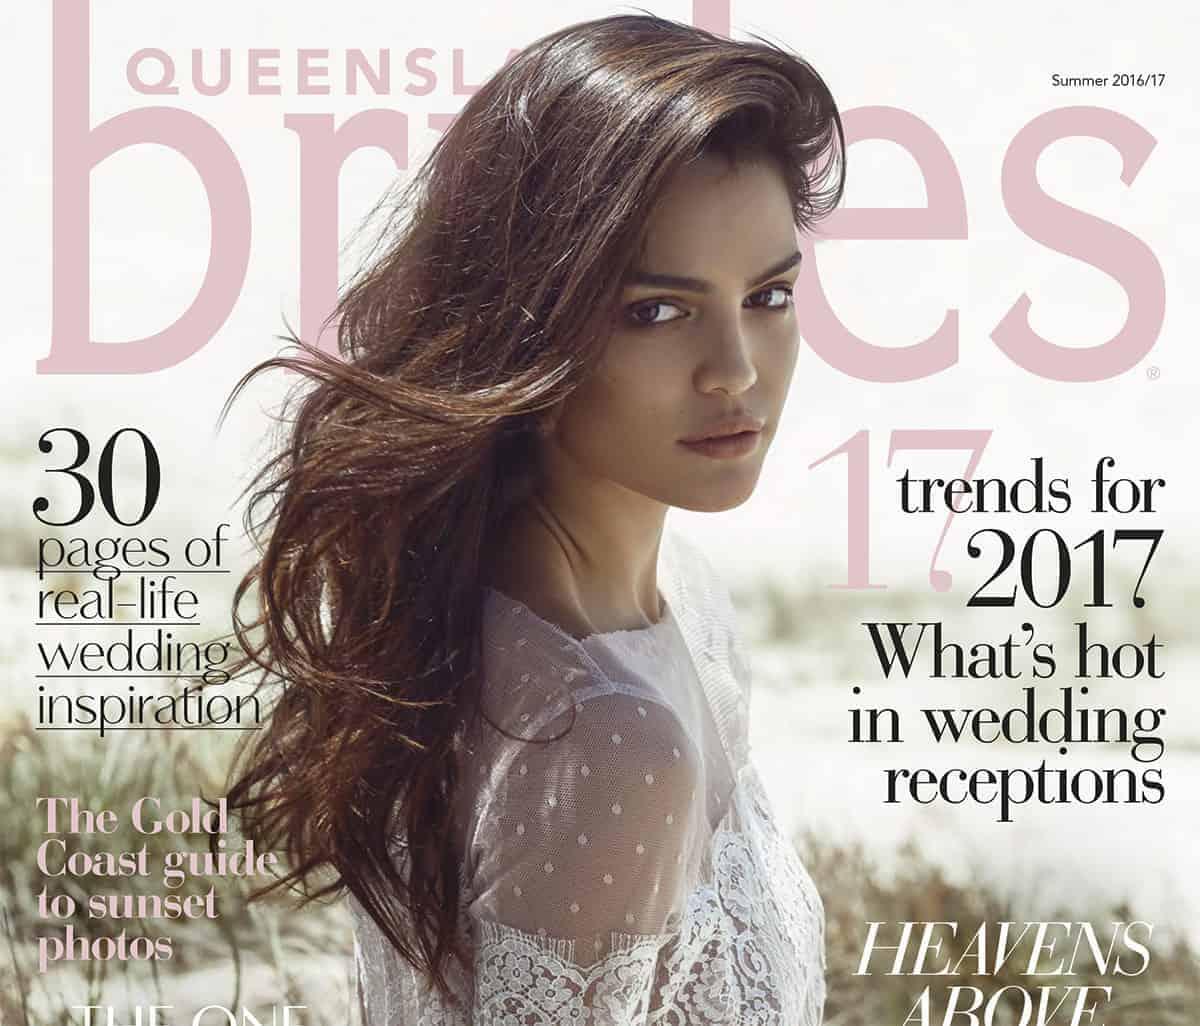 Queensland Brides Summer issue